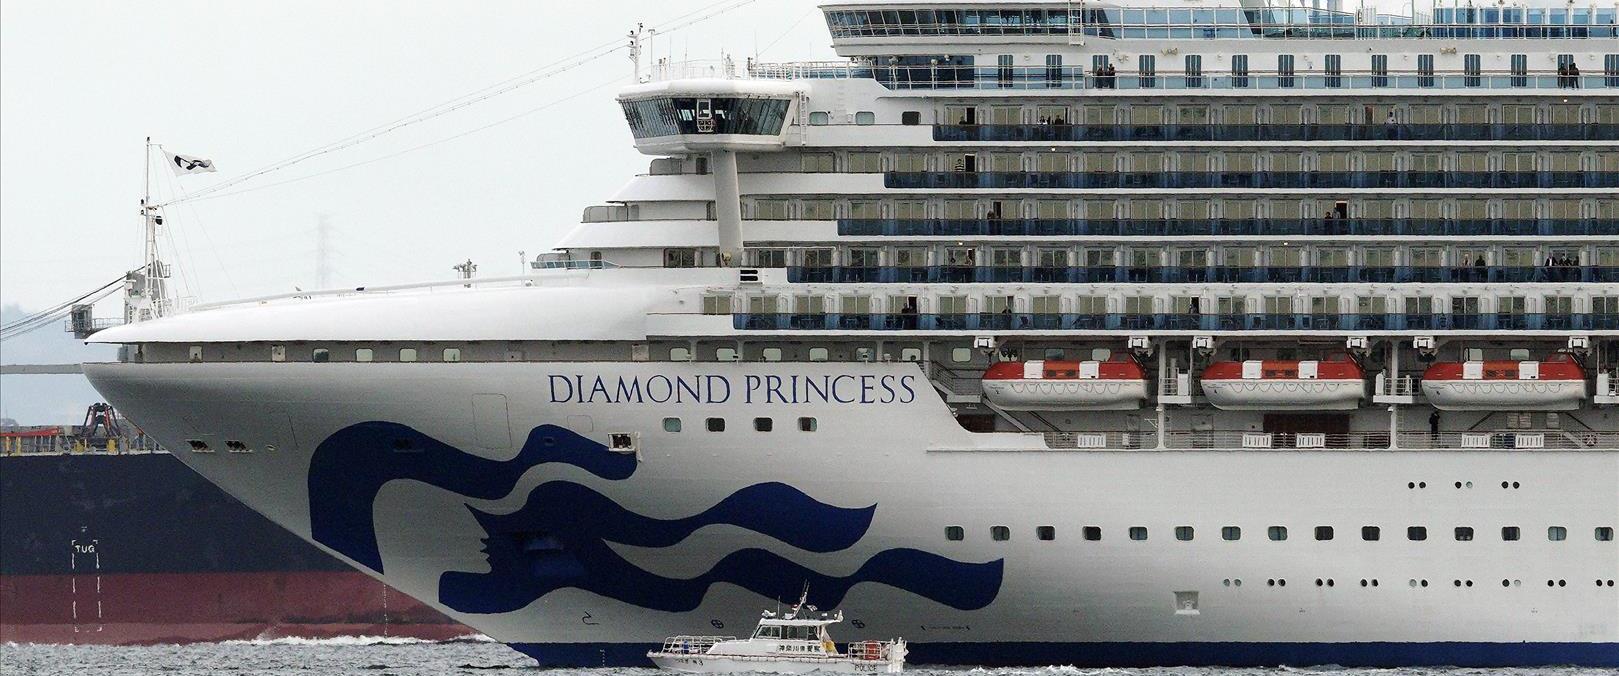 """הספינה """"דיימונד פרינסס"""""""